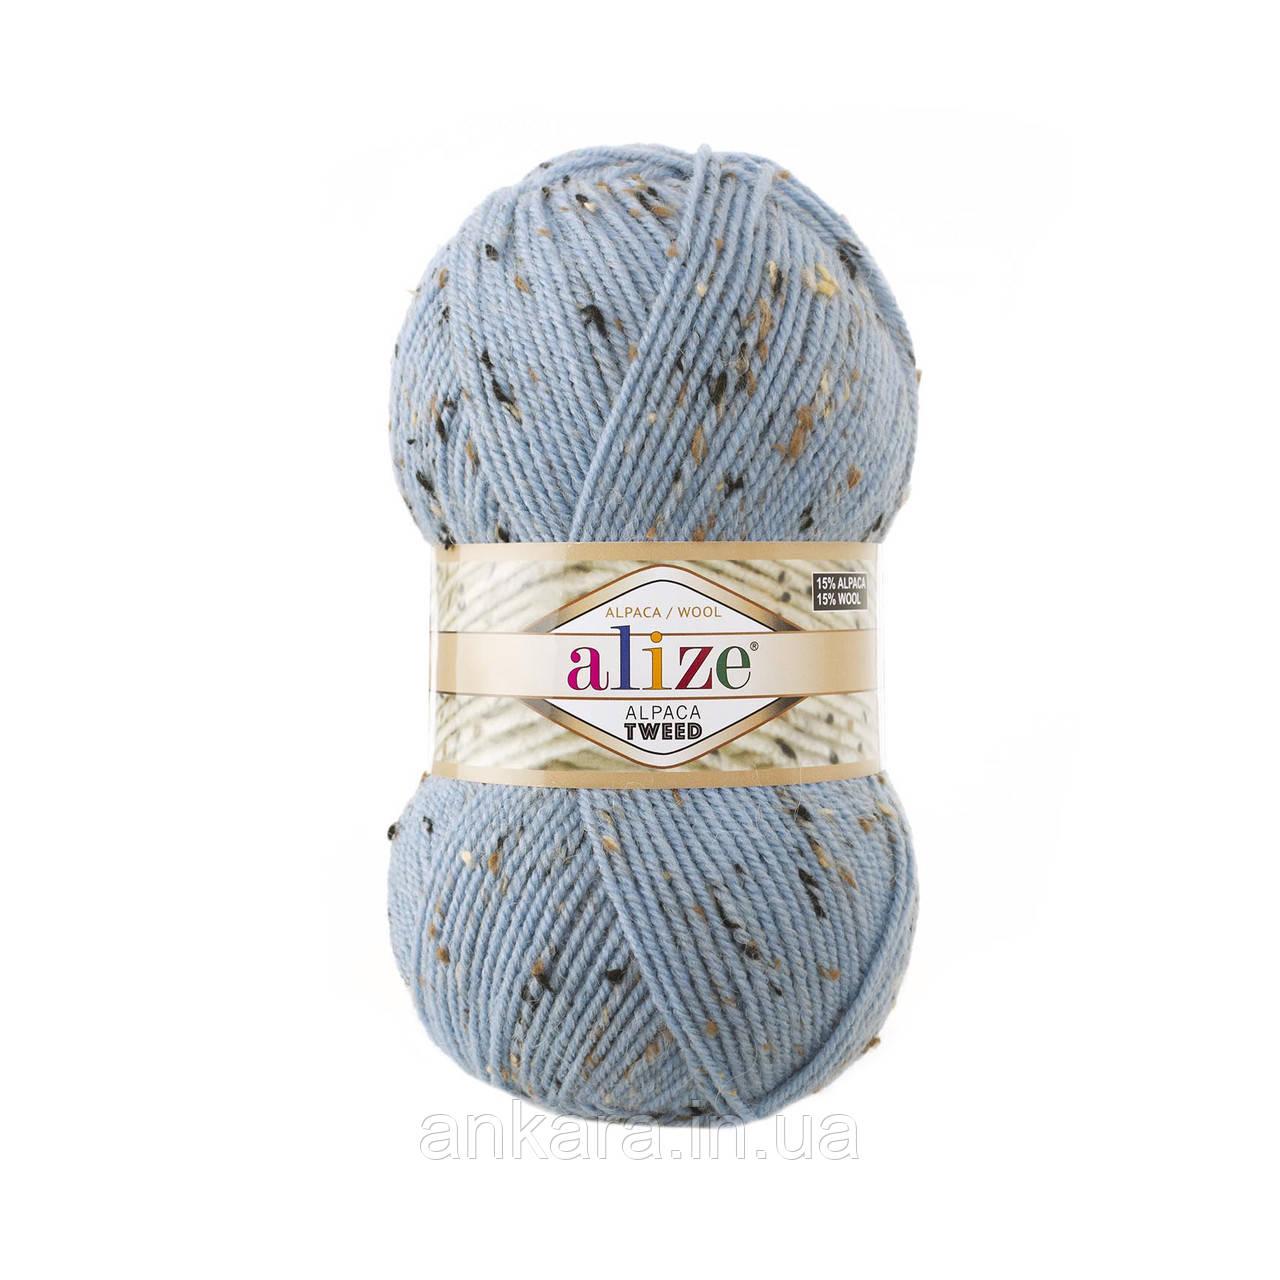 Alize Alpaca Tweed 356